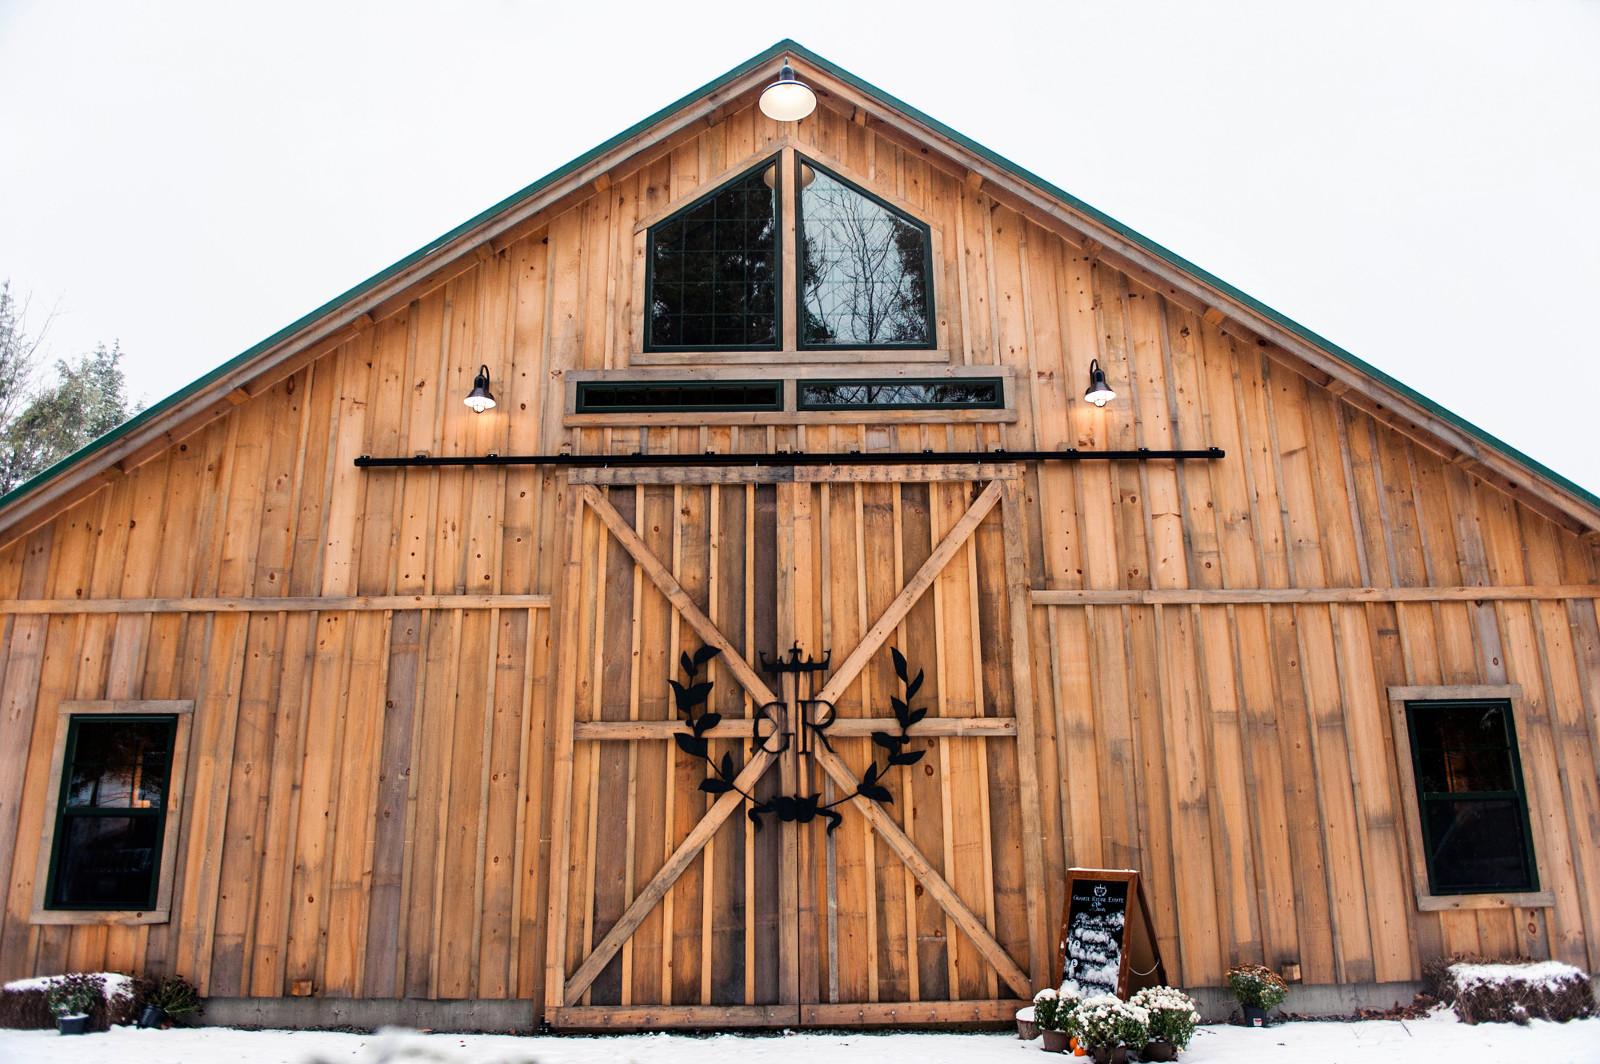 Marsala Pantone Color Maine Rustic Wedding Venue